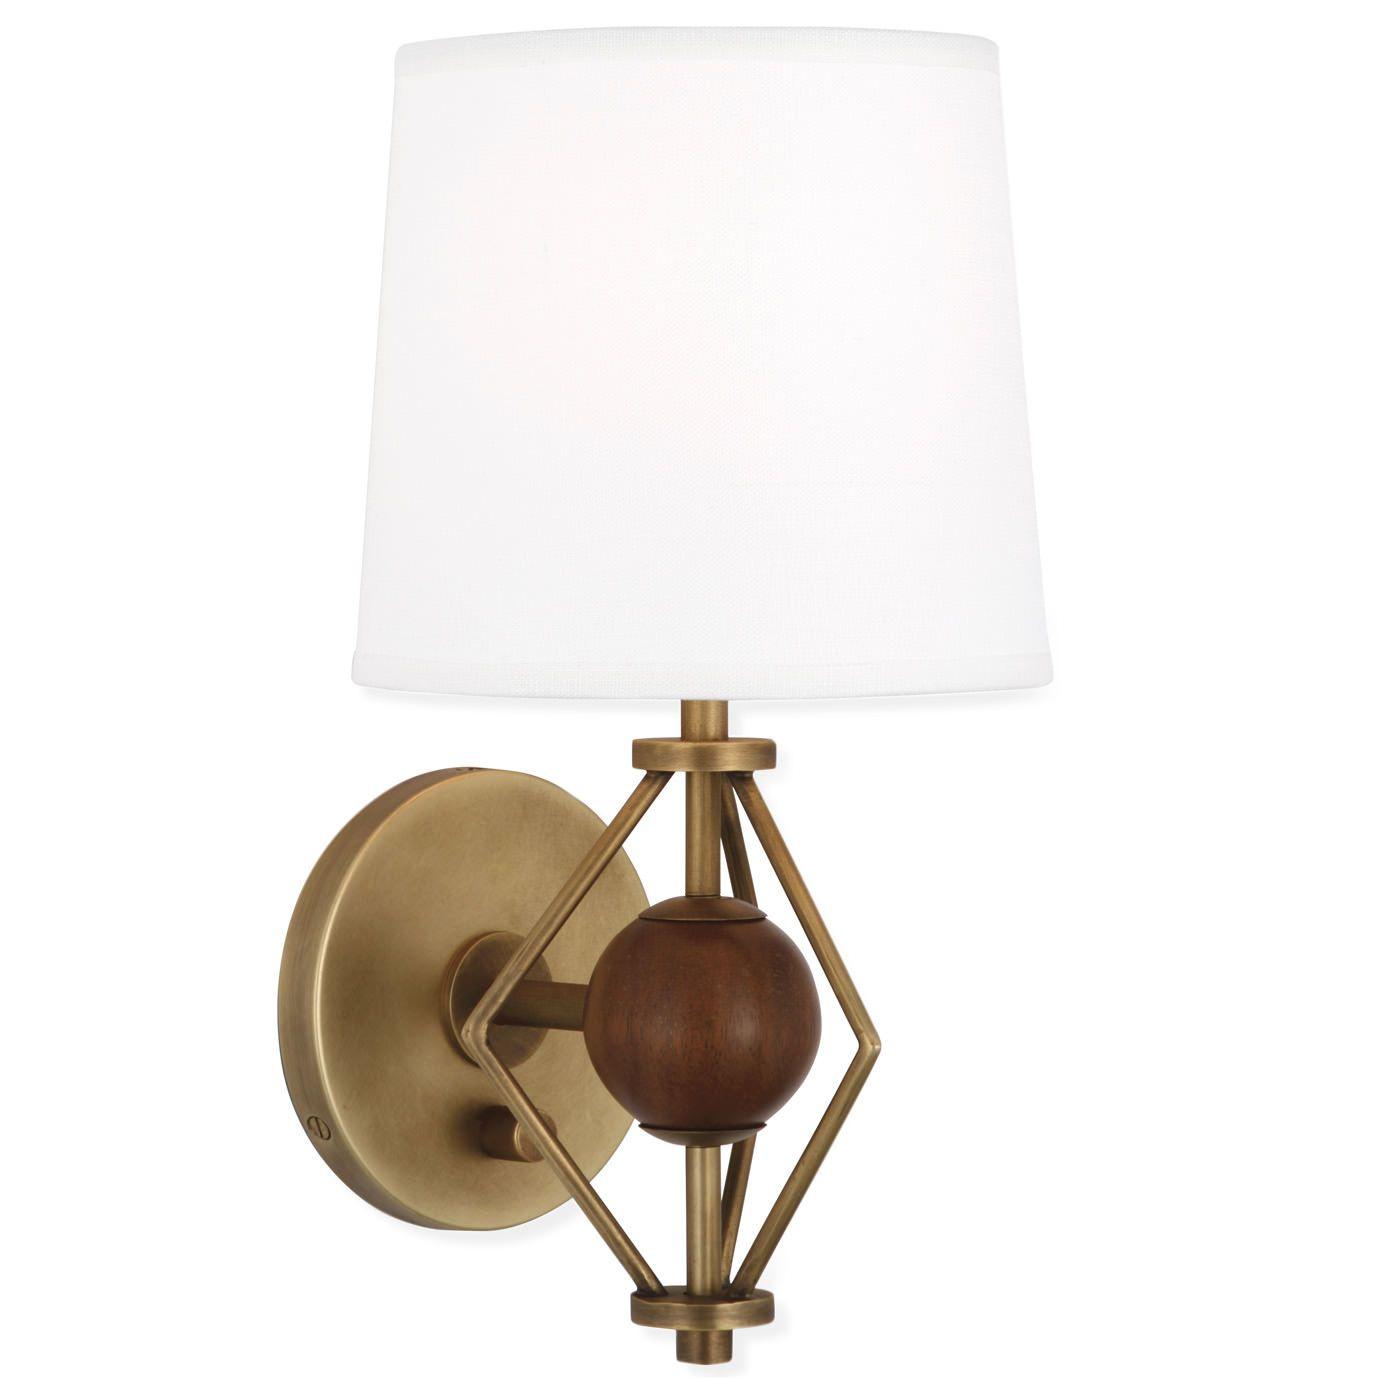 Pin On Dinding Lampu